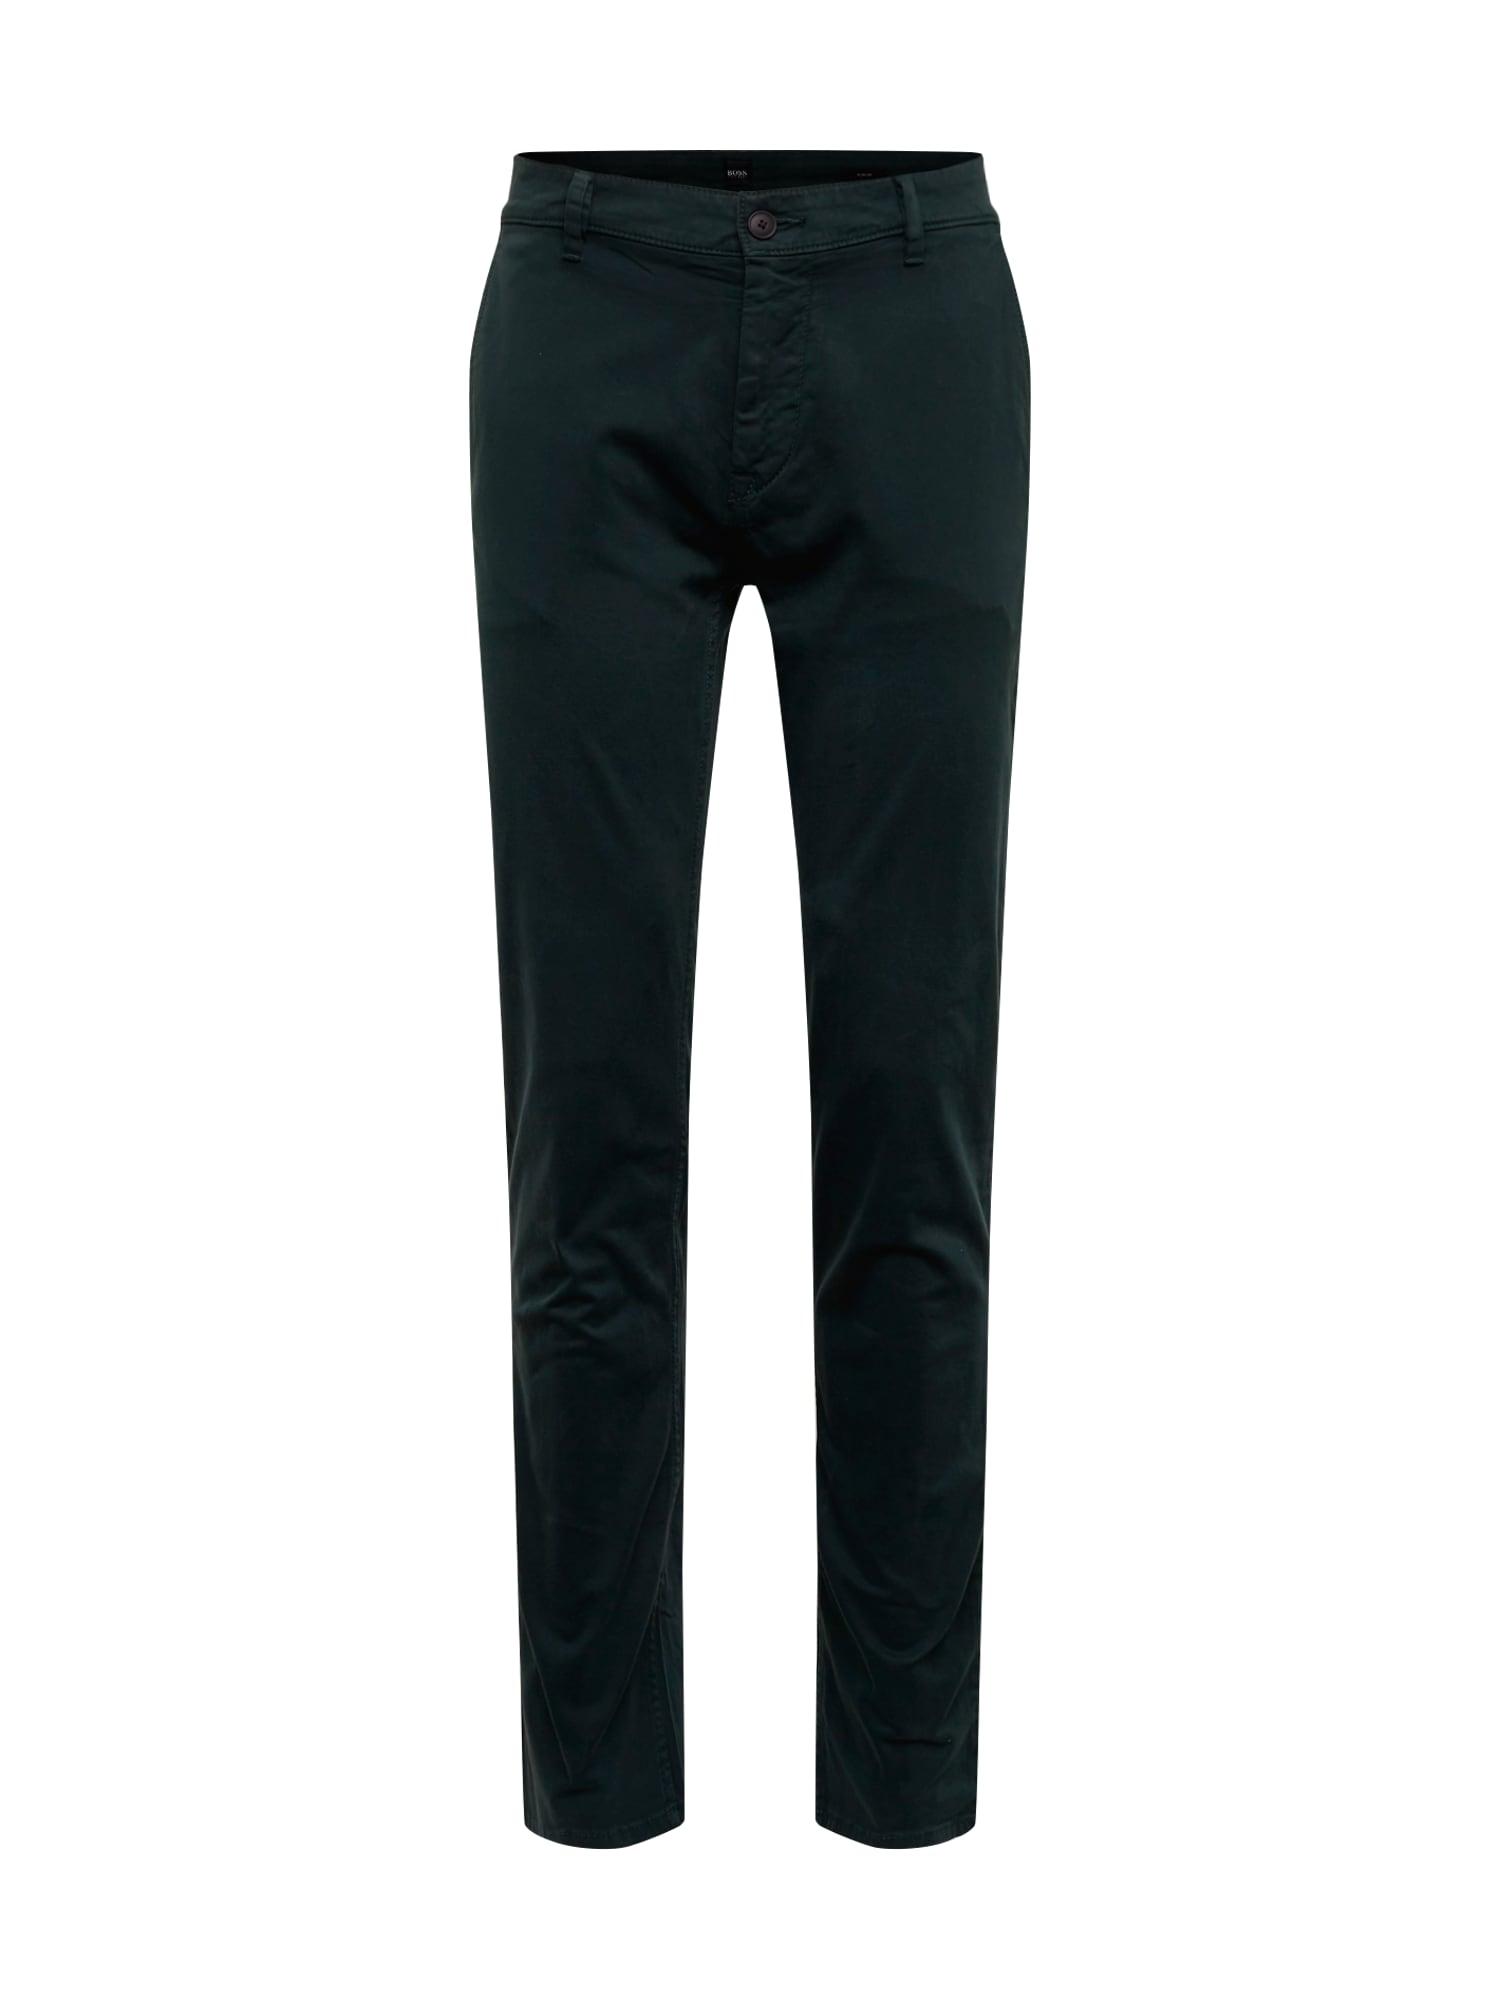 BOSS Chino stiliaus kelnės 'Schino' žalia